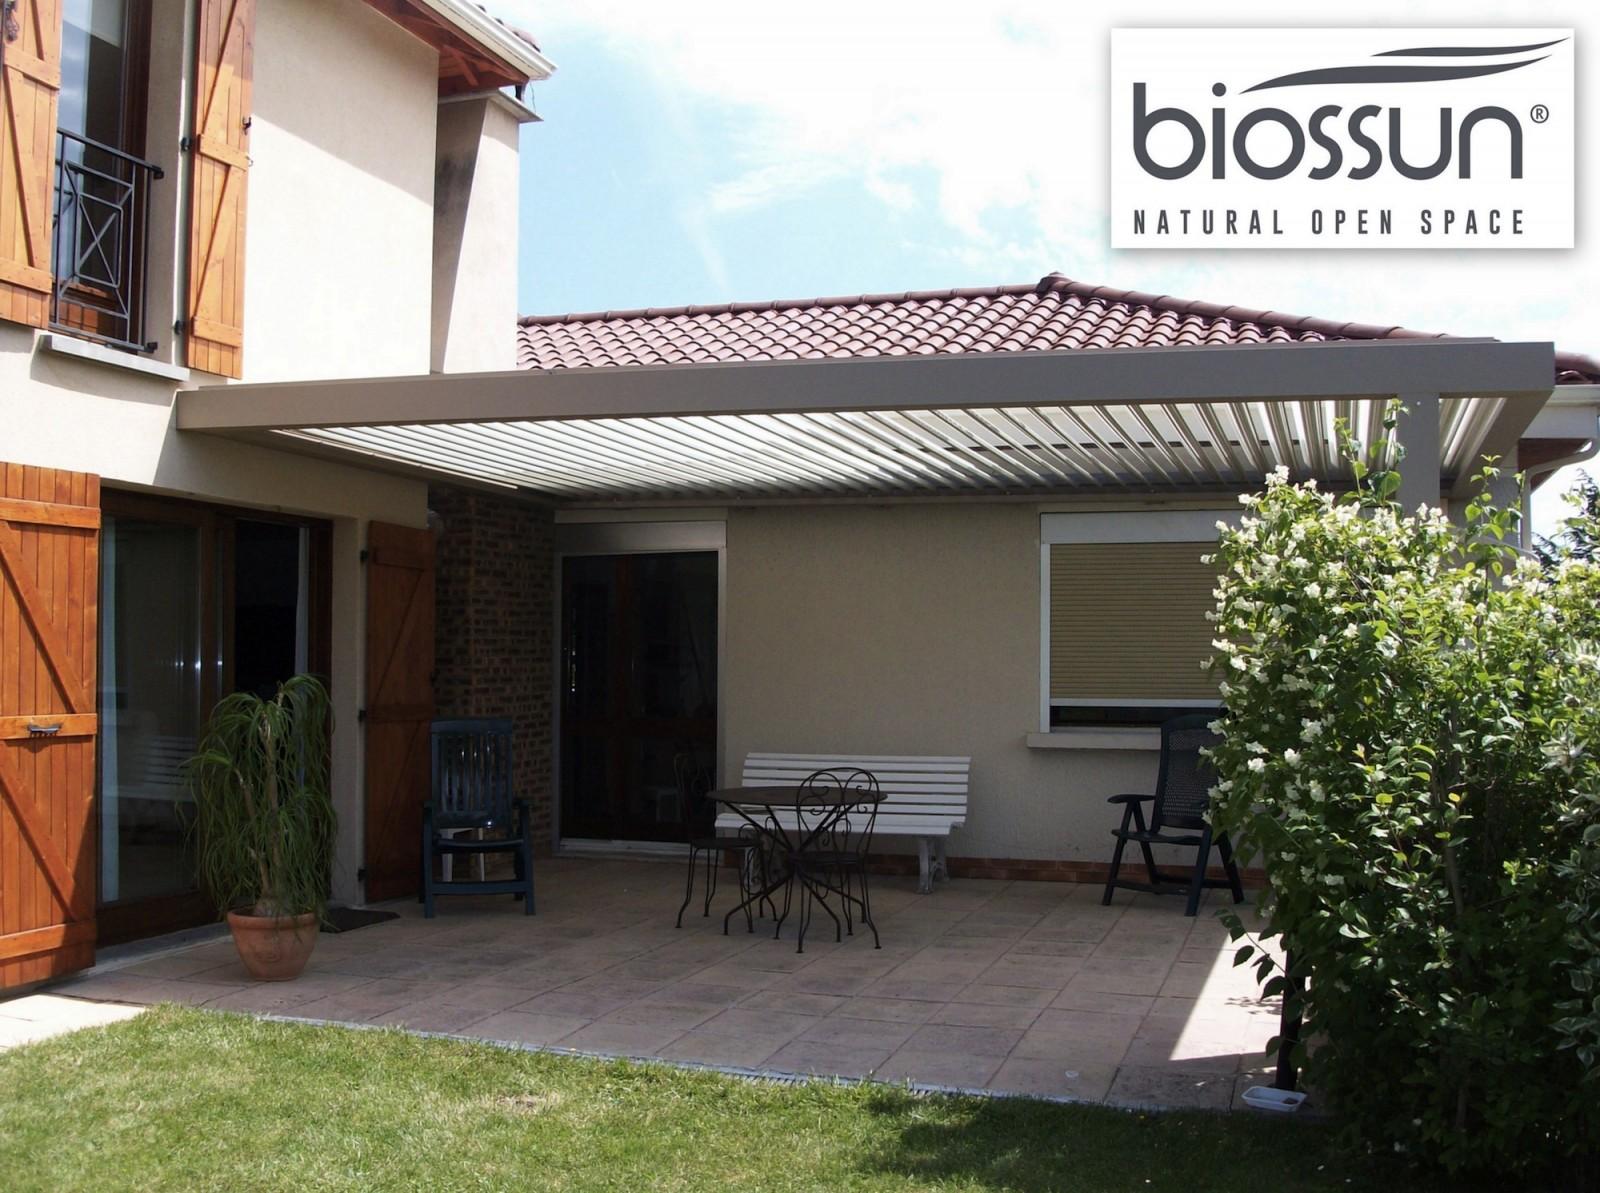 Profitez d un prix foire pour vous offrir une pergola bioclimatique bios - Pergola bioclimatique biossun ...